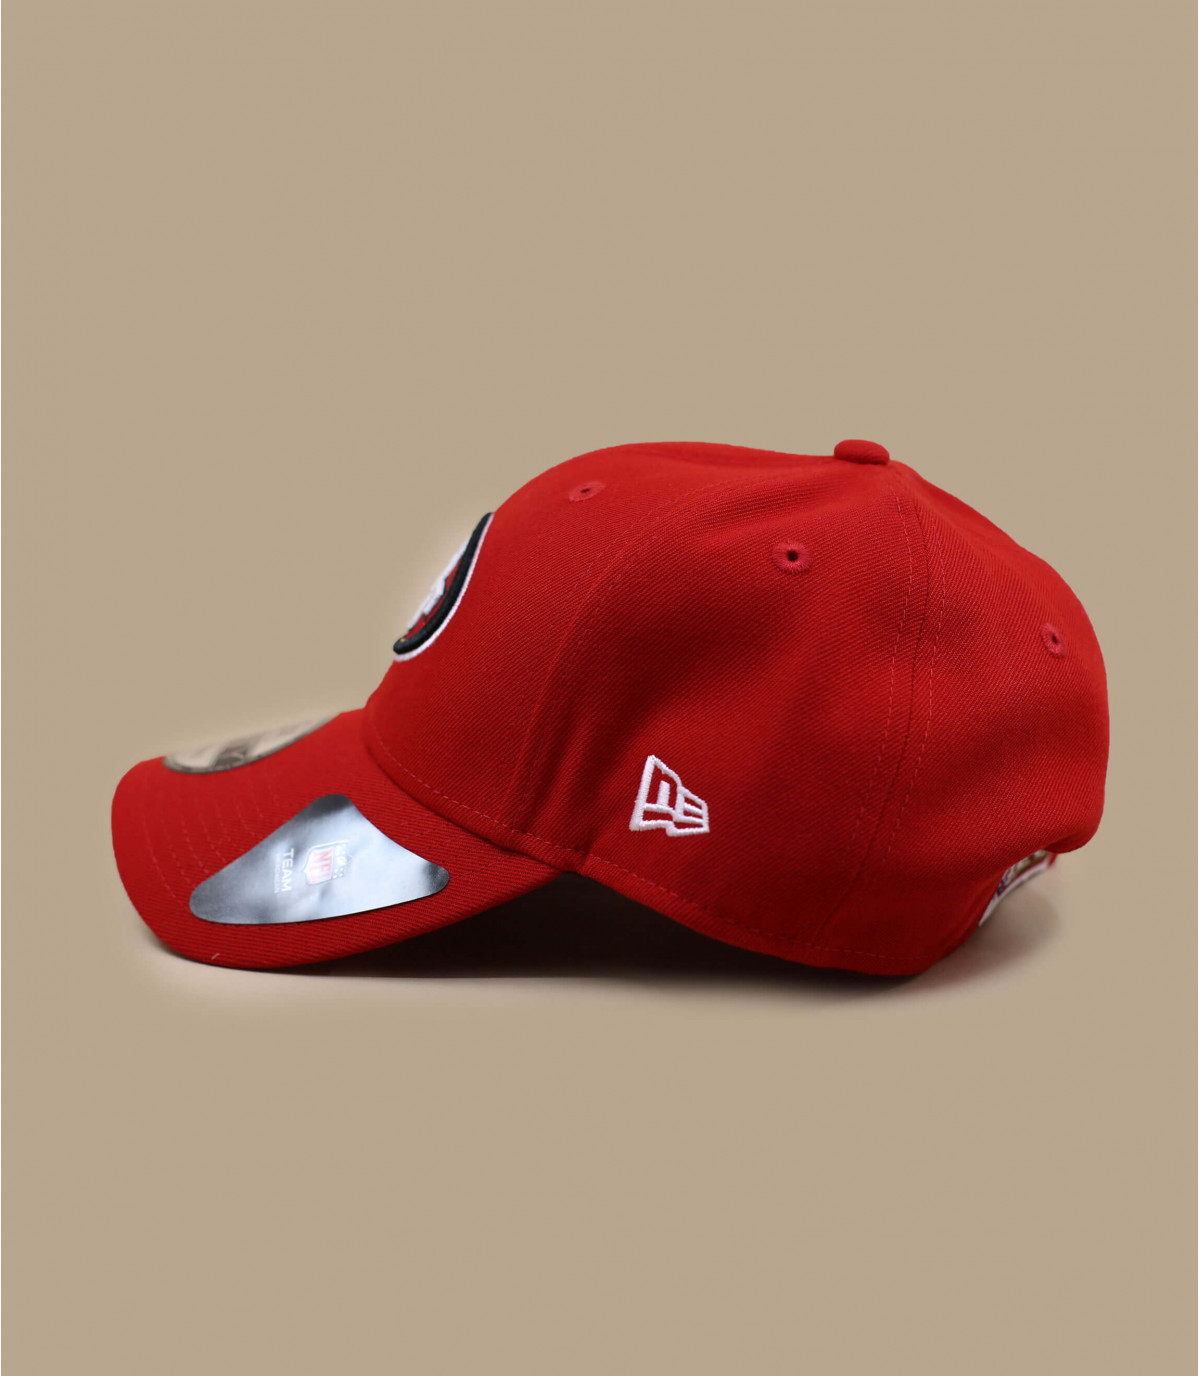 49ers curva de tapa roja